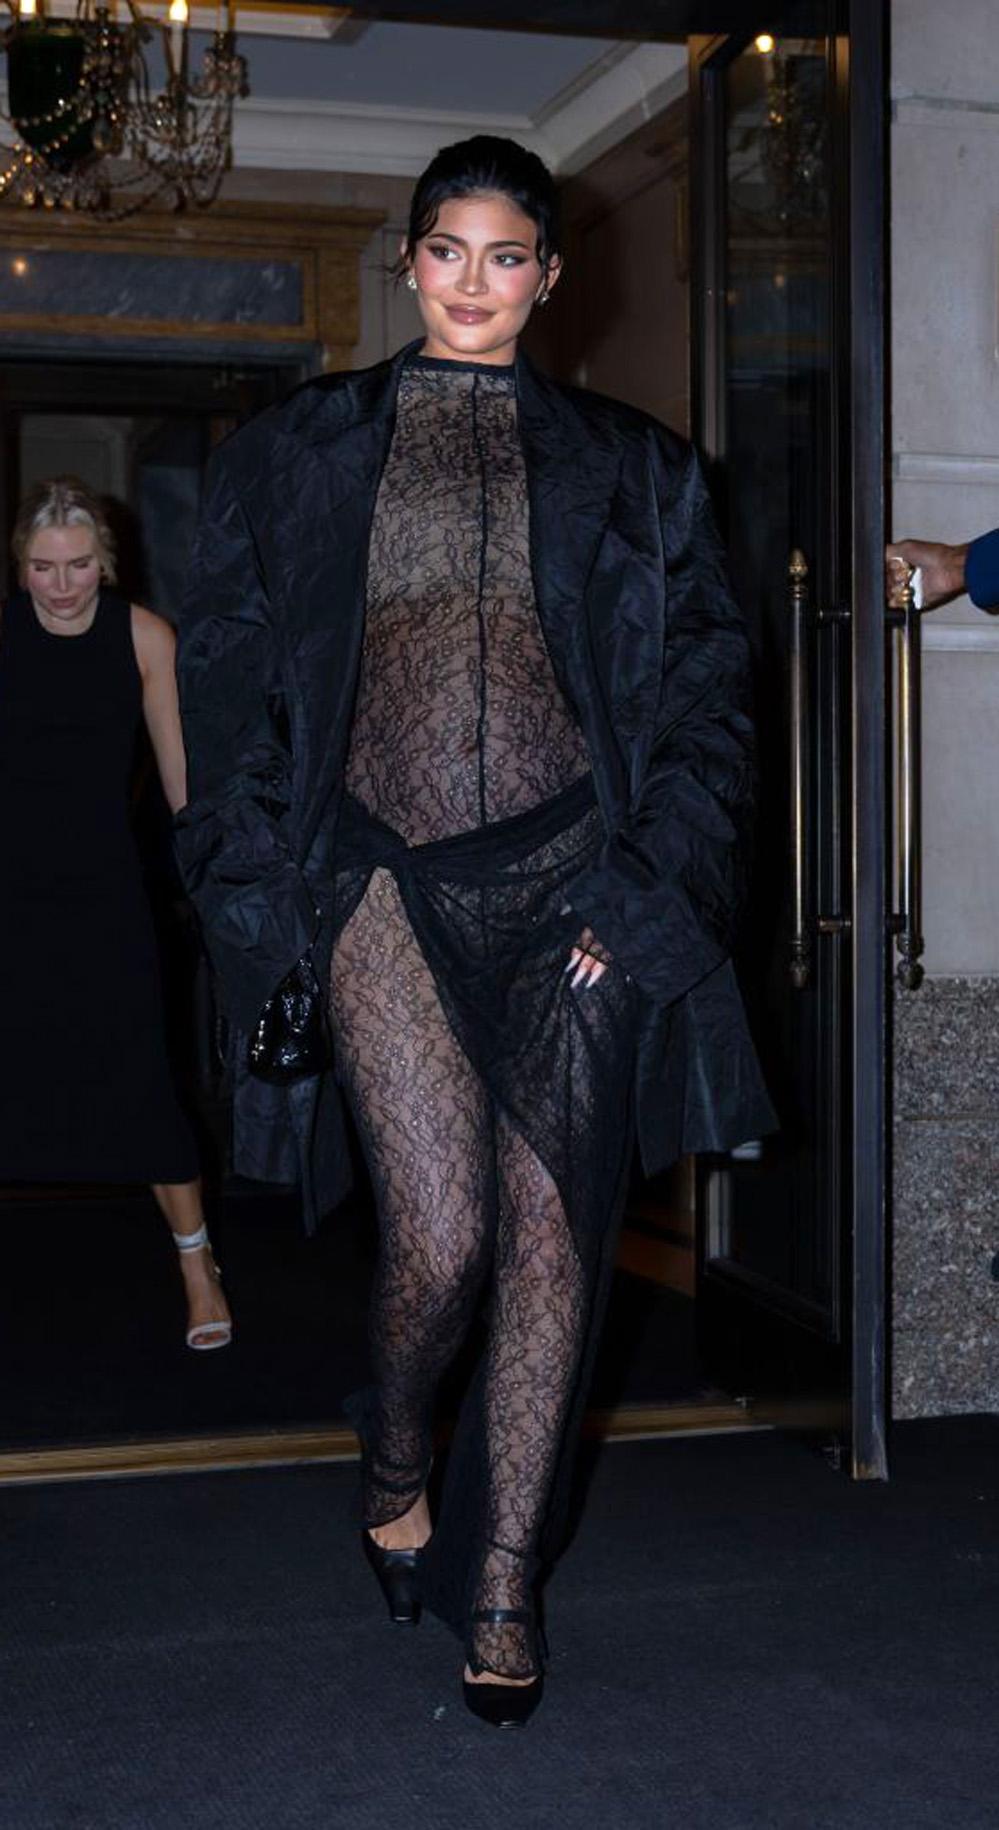 Kylie Jenner i Midtown på Manhatten i New York City 9. september 2021 (Gotham/GC Images)